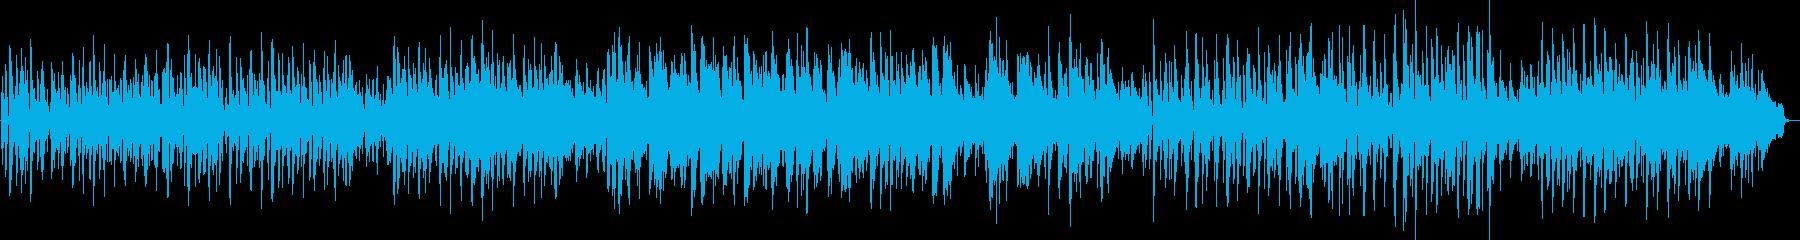 3/4拍子のポップスの再生済みの波形